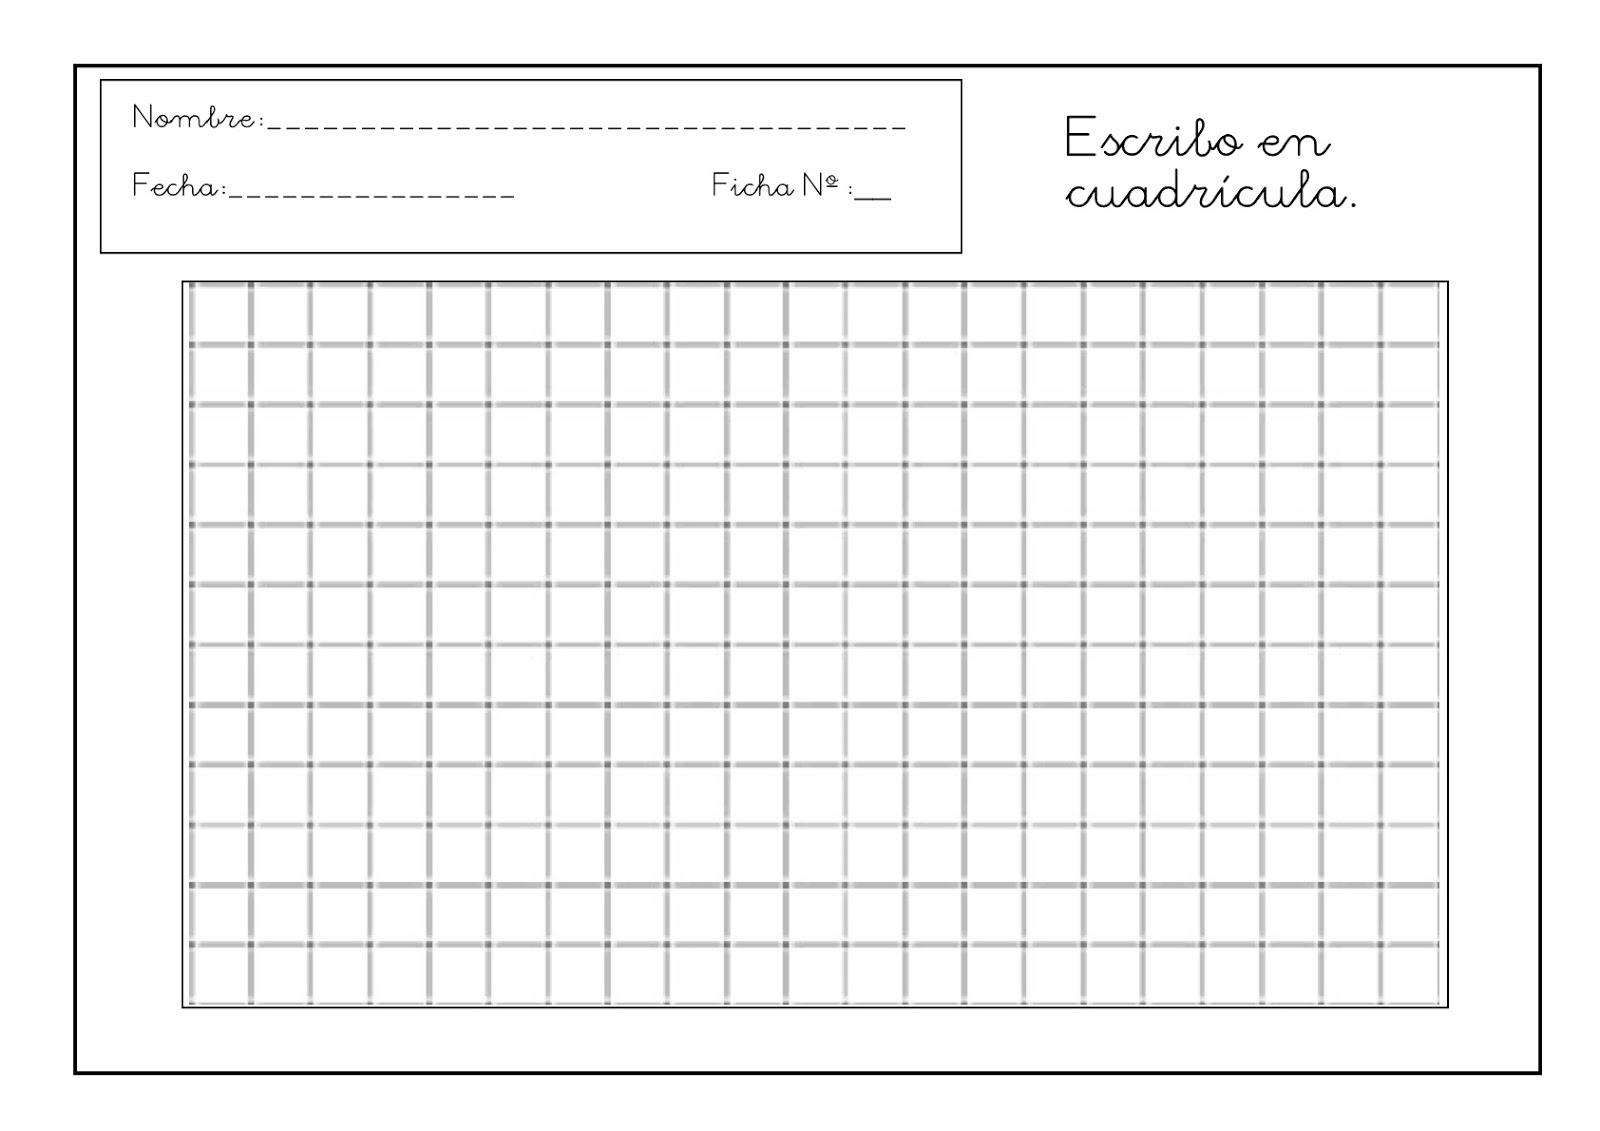 RECURSOS DE EDUCACIÓN INFANTIL: PLANTILLAS PARA ESCRIBIR